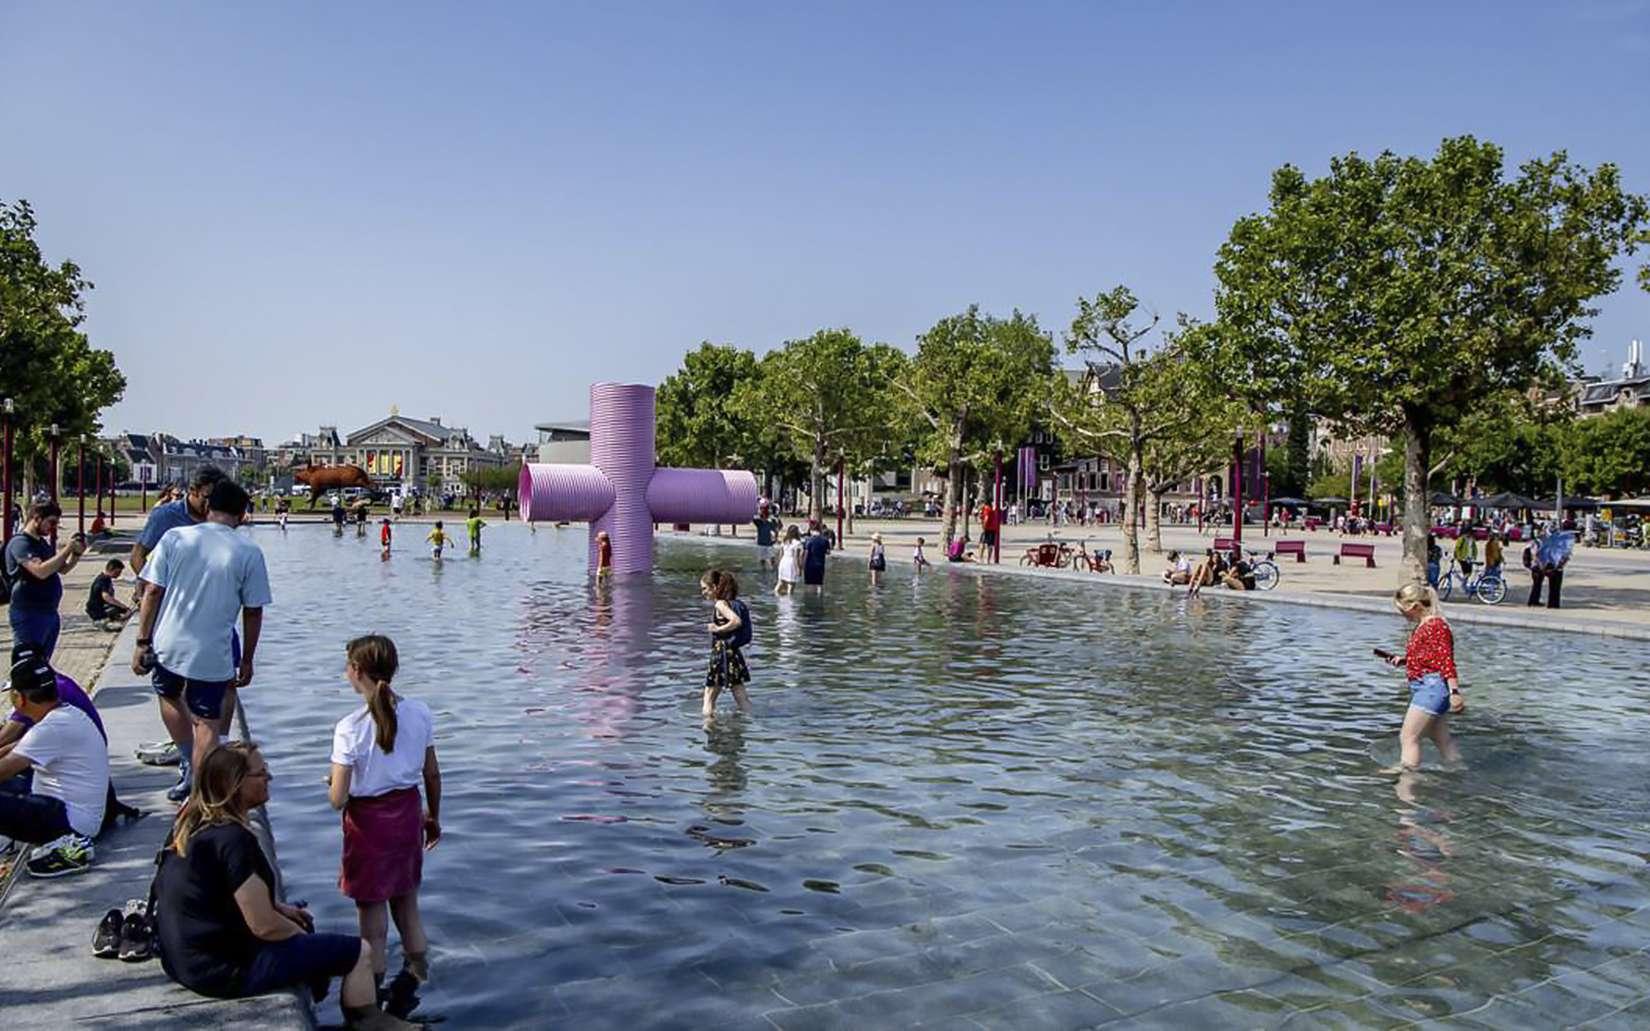 Dans une fontaine à Amsterdam, le 25 juillet 2019 aux Pays-Bas, où un nouveau record de chaleur a été battu. © Robin Utrecht, ANP, AFP